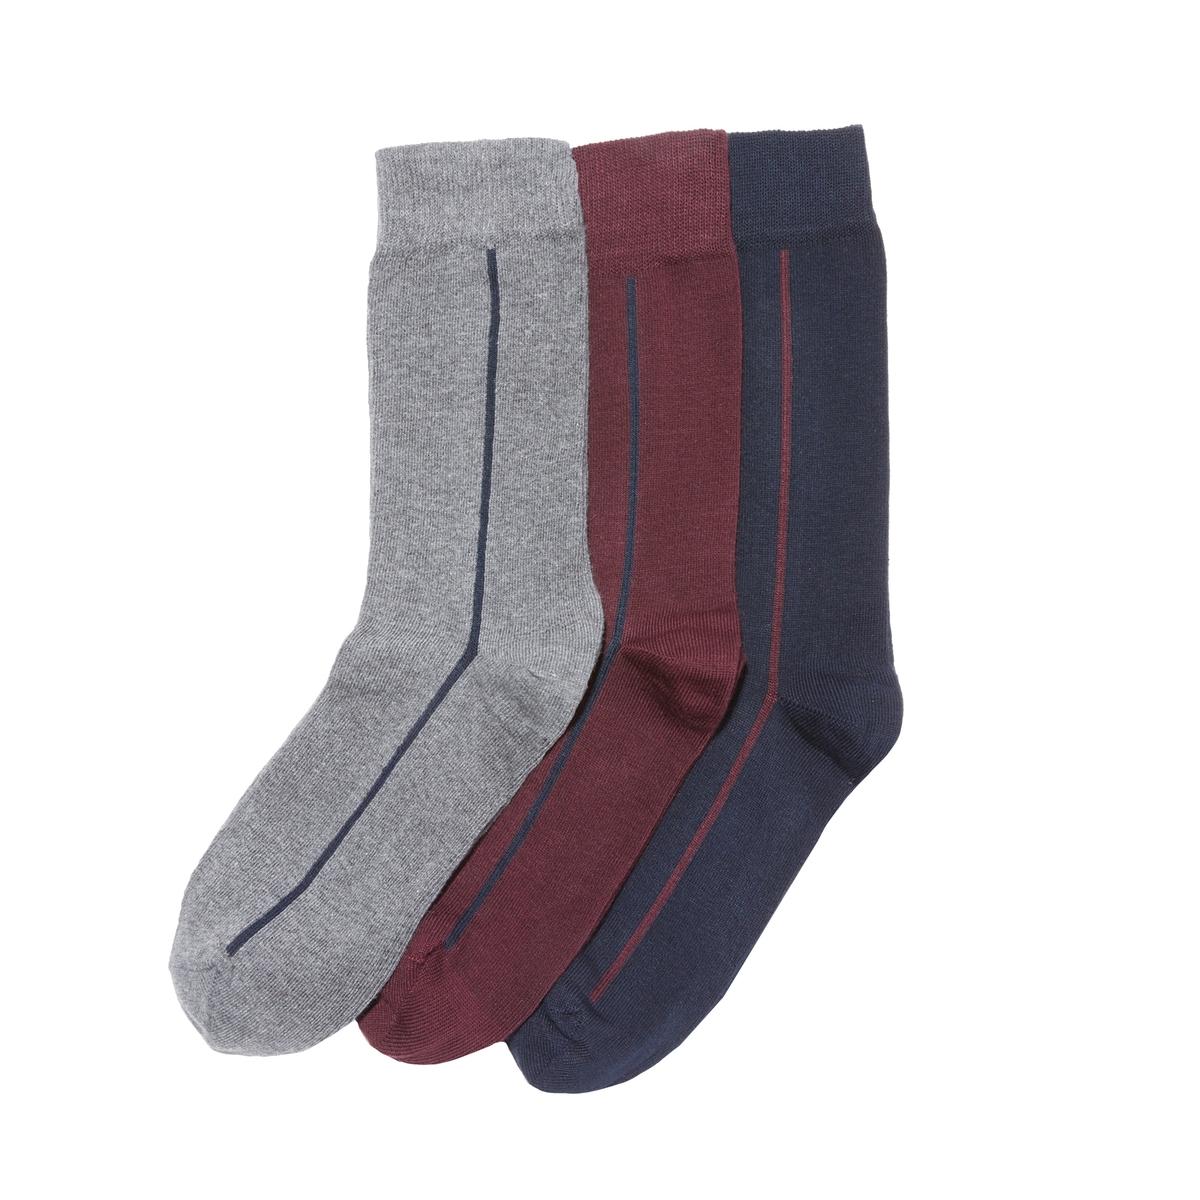 Комплект из 3 пар оригинальных носков 3 пары оригинальных носков